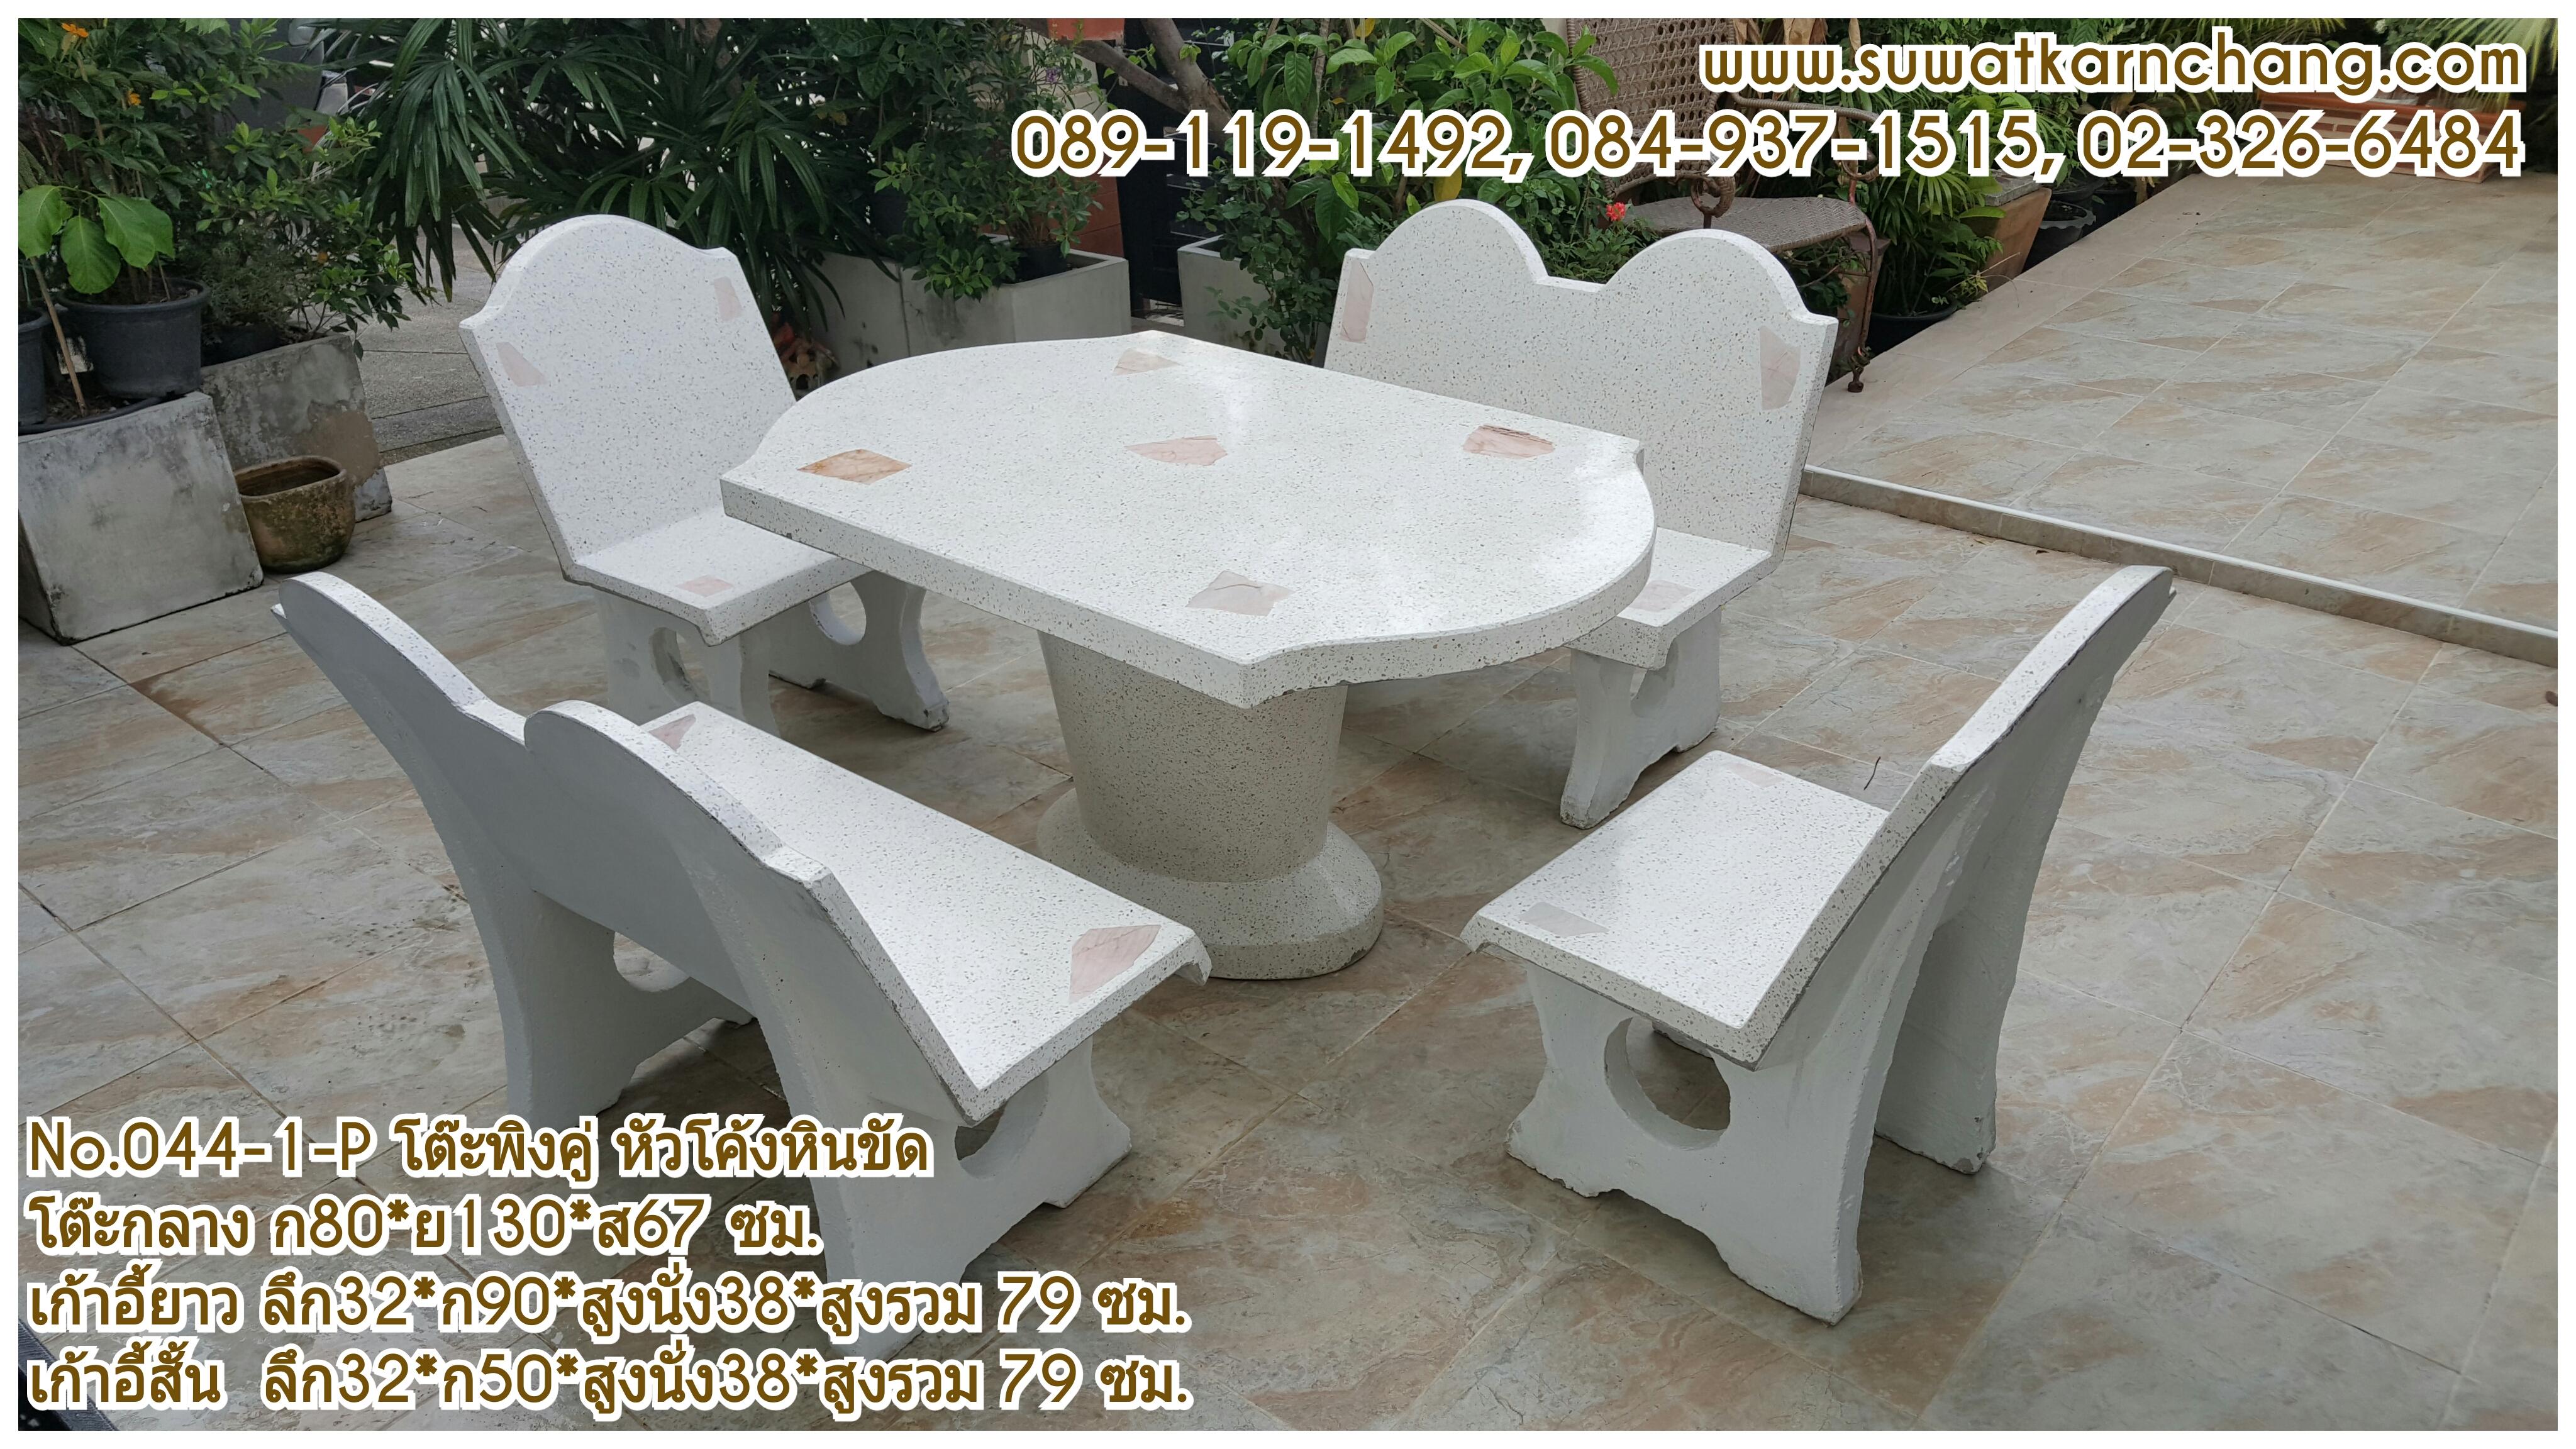 ์No. 044-1-P  โต๊ะพิงคู่ หัวโค้งหินขัด